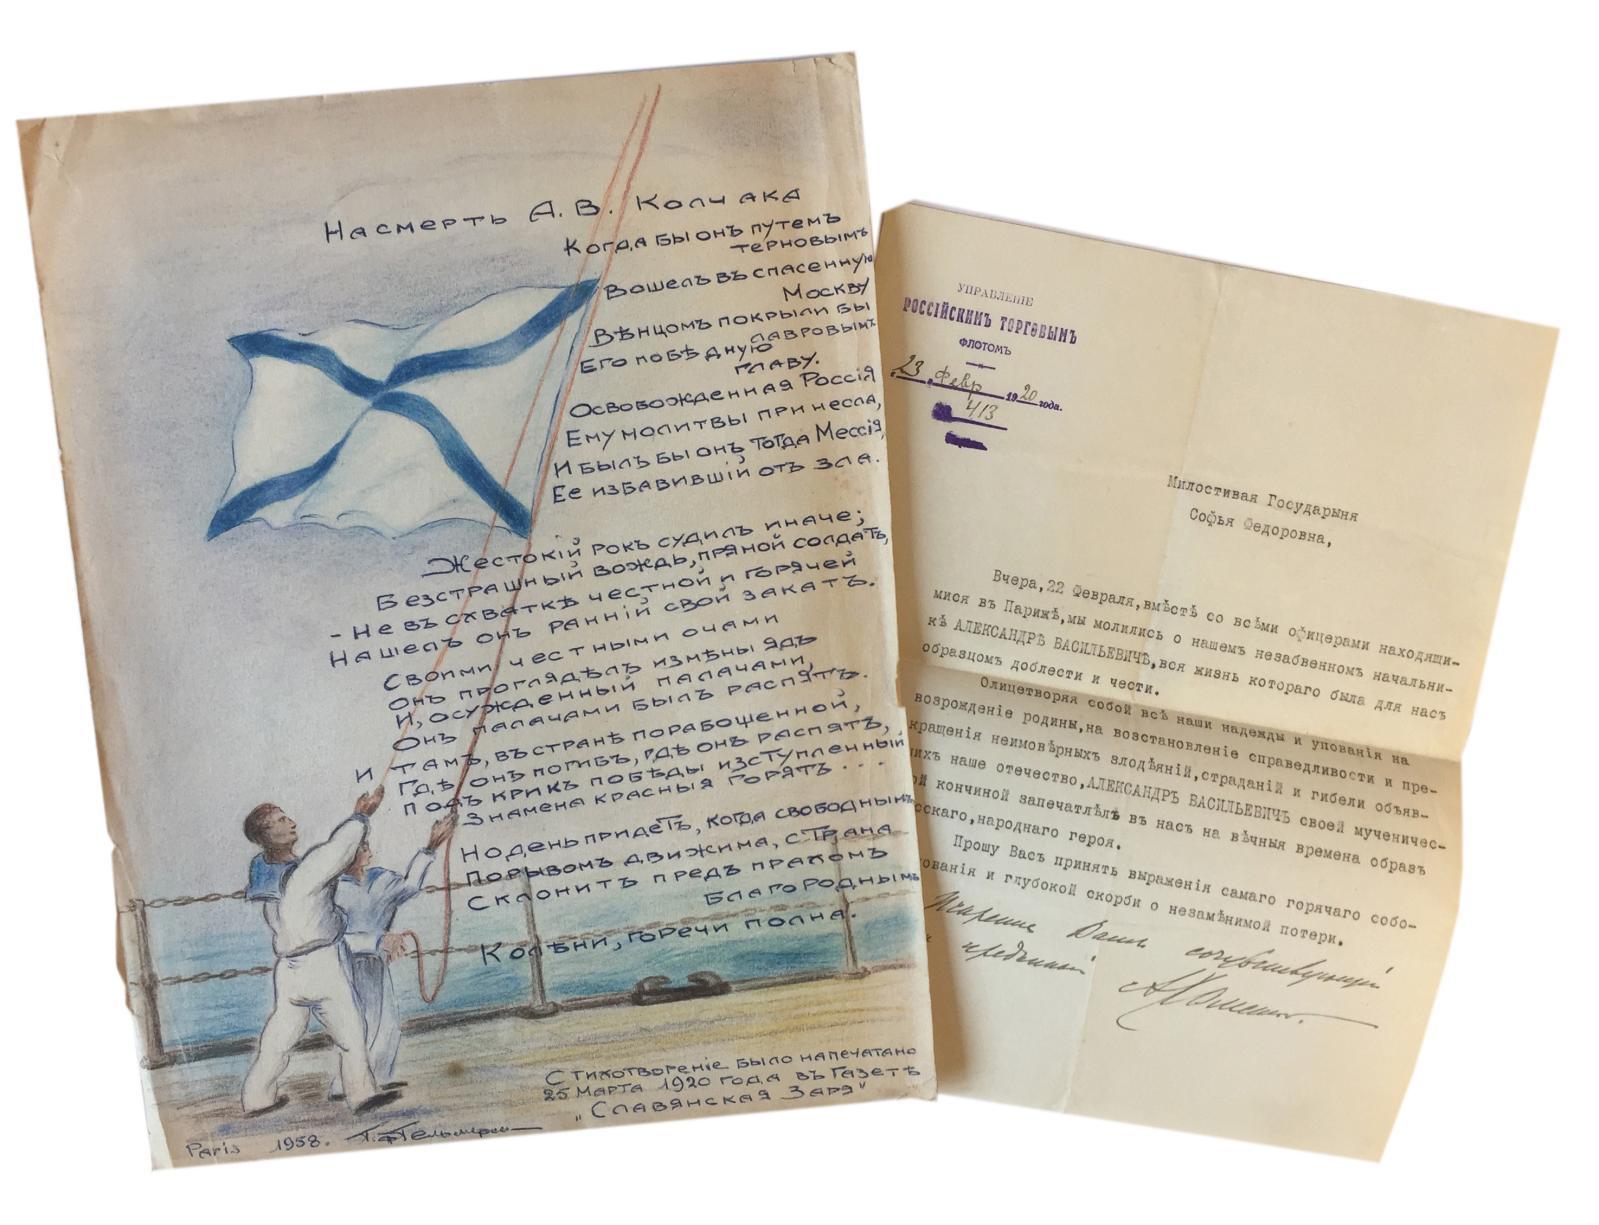 Sophie Feodorovna Koltchak (1876-1956), dix cahiers de souvenirs écrits à l'encre à partir de 1941. Estimation: 3000/5000 €